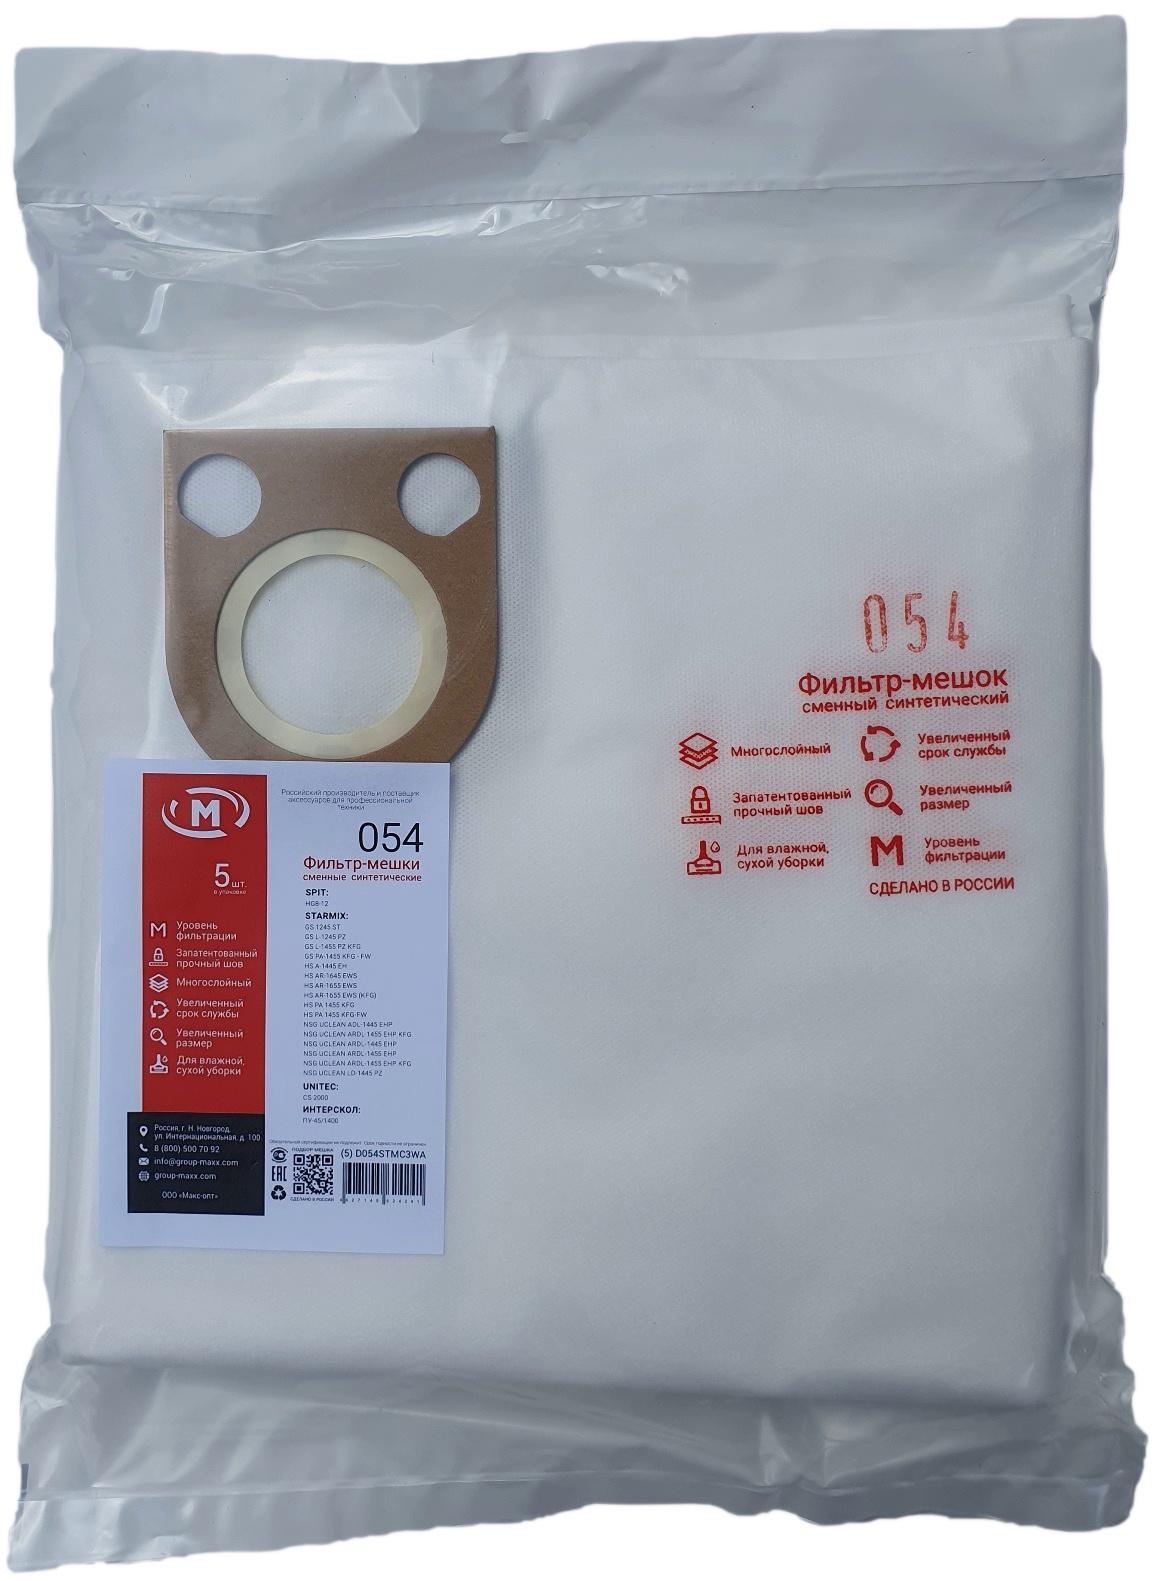 цена на Пылесборники MAXX 054 для промышленных пылесосов, 5 шт.